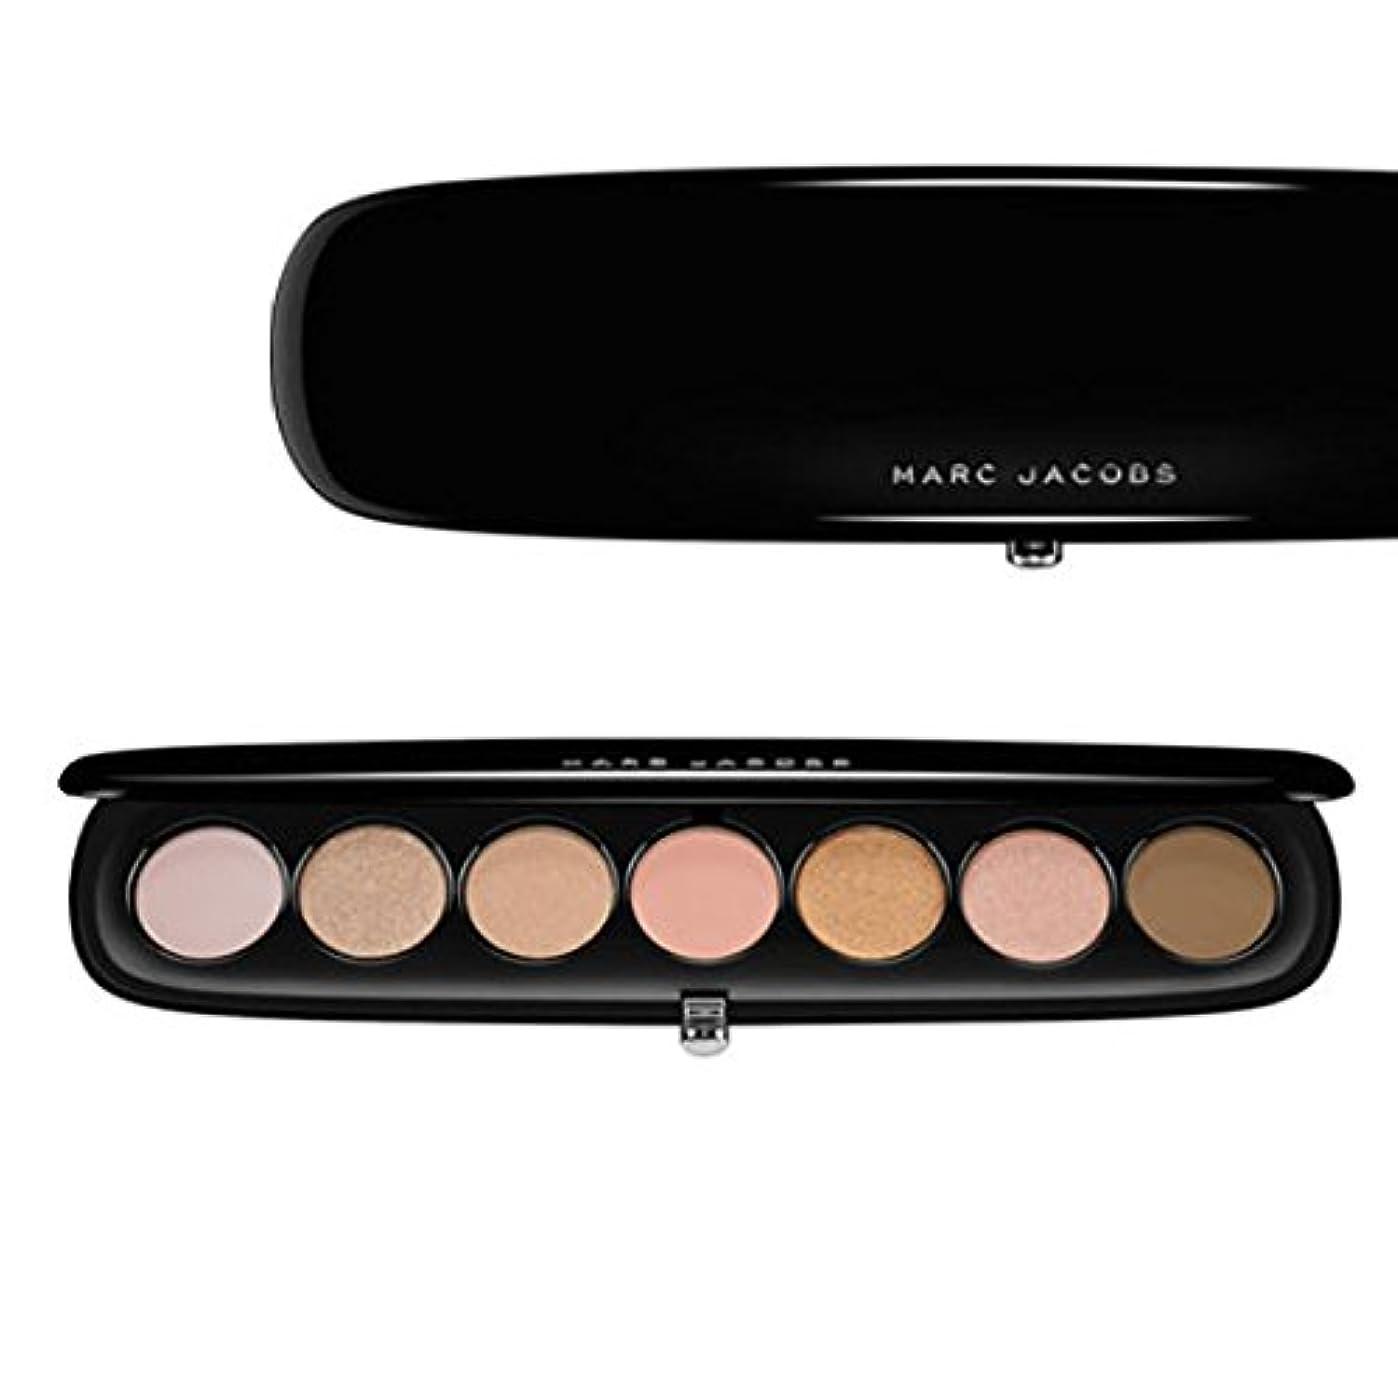 望み開示するホステルMarc Jacobs Beauty, 日本未発売, Style Eye-Con No. 7 Plush Shadow - 220 The Lover (220 てぇ ぉ?ぇ r) [海外直送品] [並行輸入品]